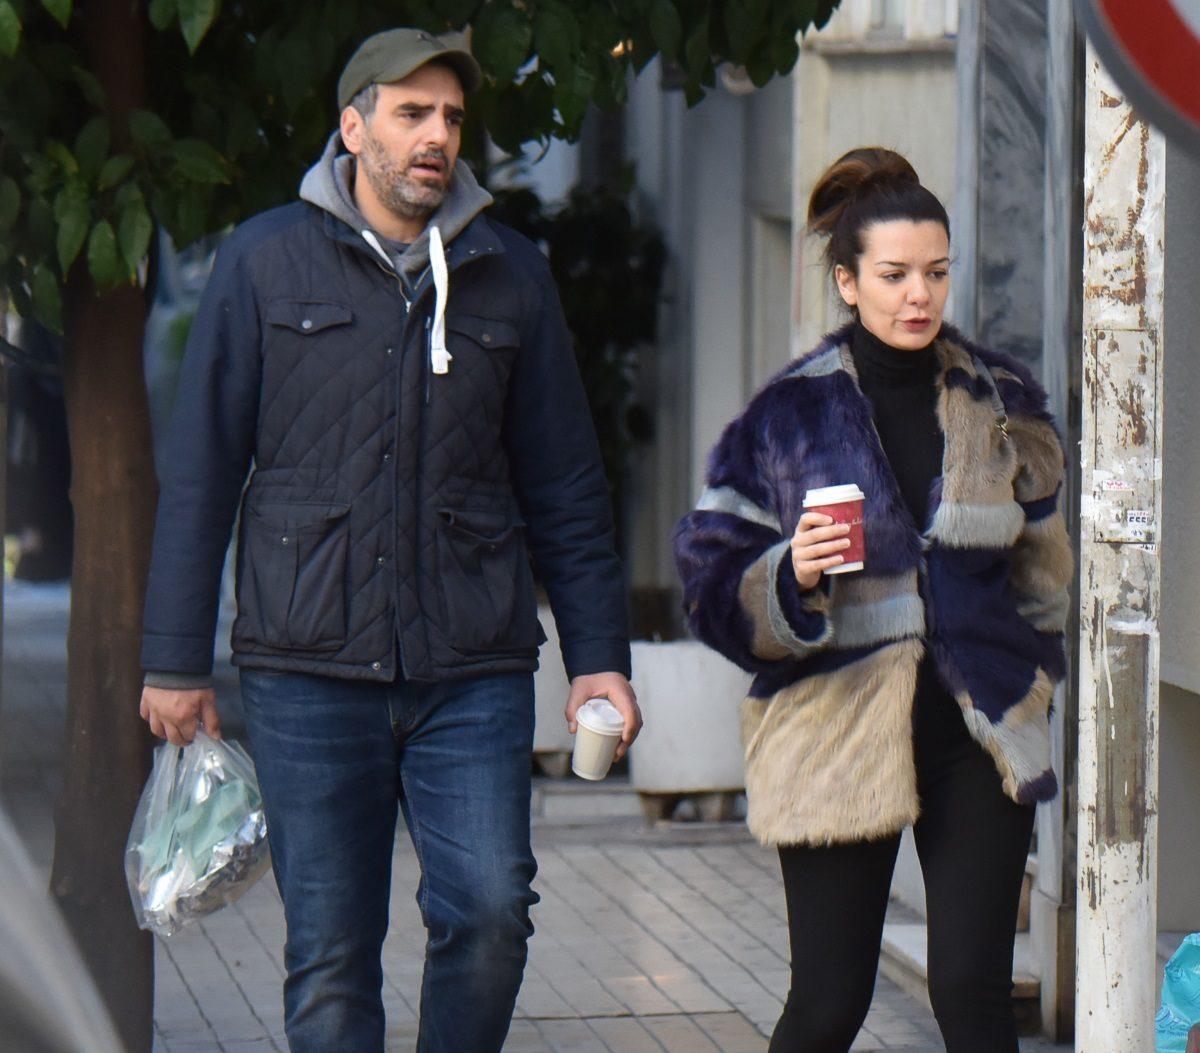 Νικολέττα Ράλλη – Μιχάλης Ανδρούτσος: Ρομαντική απόδραση στα χιόνια! [pics] | tlife.gr